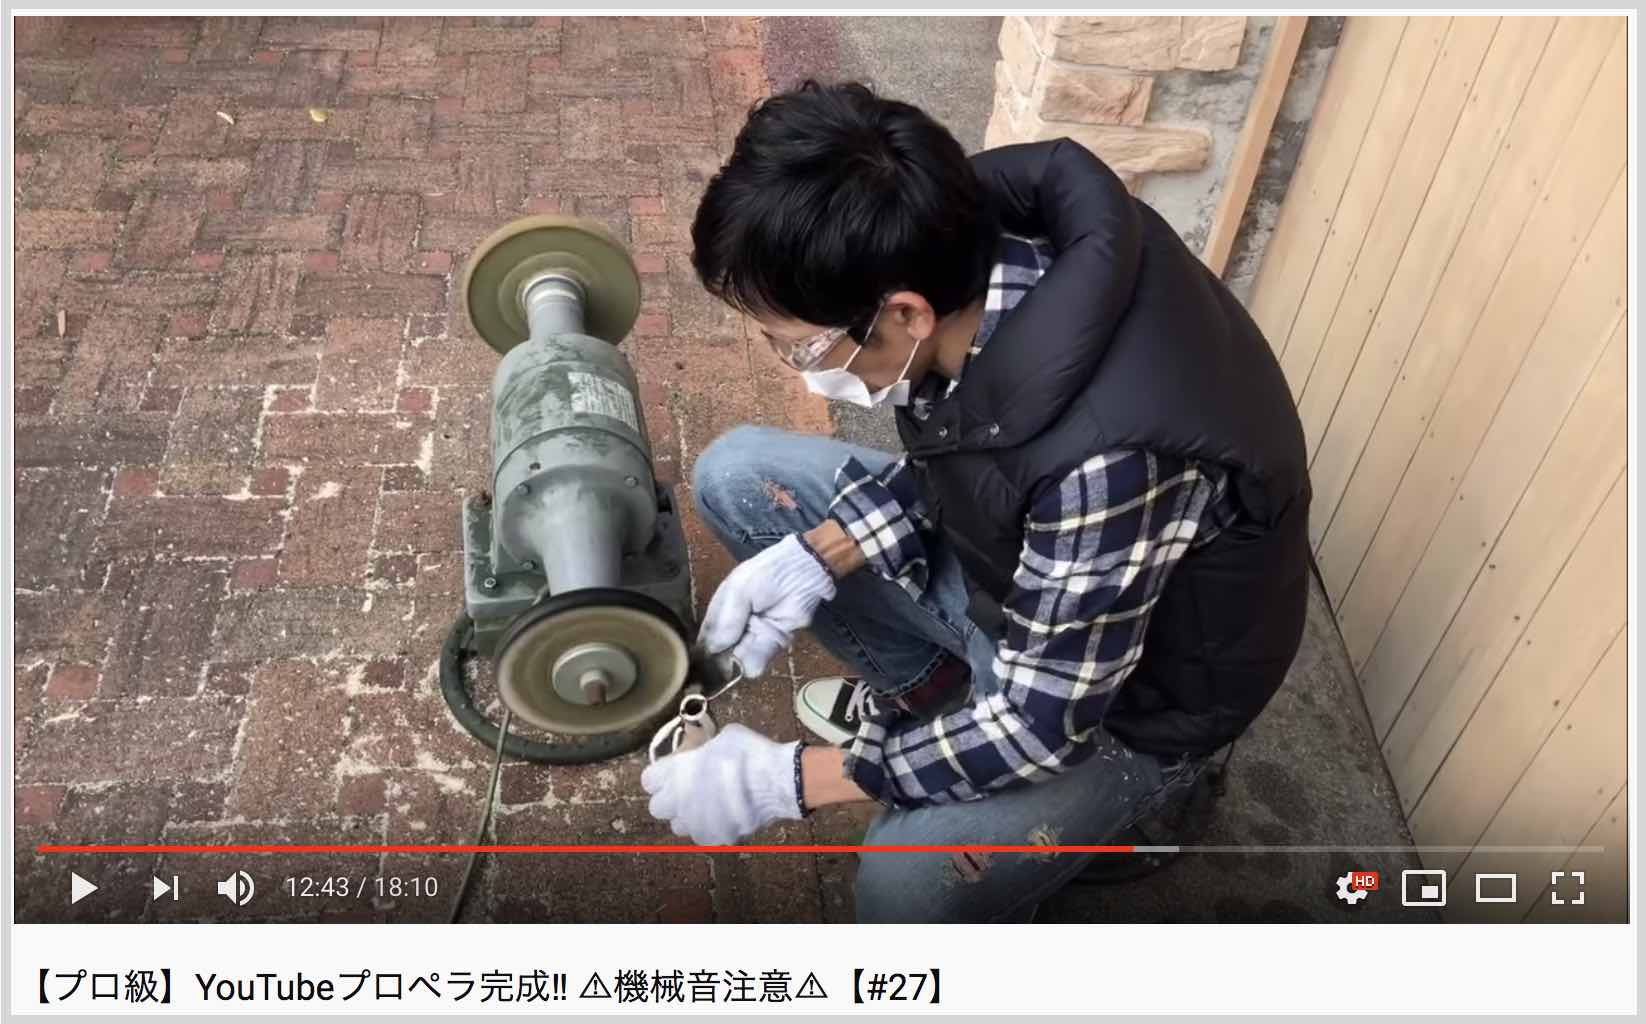 ボートレーサー上平真二のYouTube動画【第27回】YouTubeプロペラ完成‼︎